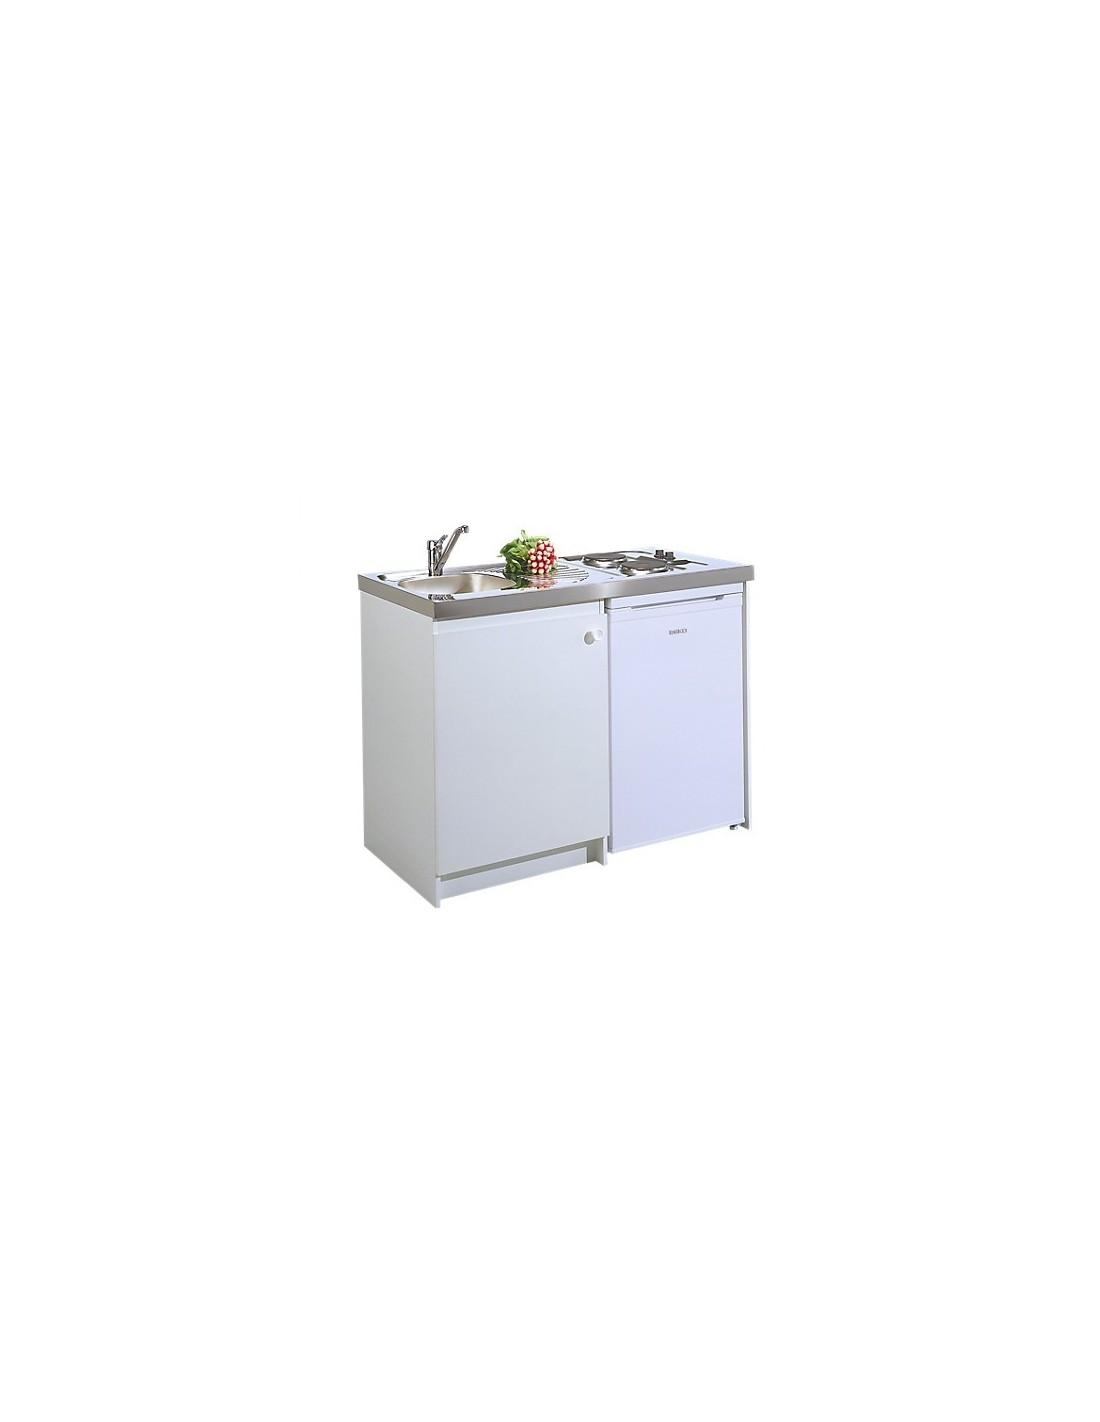 cuisinette electrique castorama cuisinette bor ale compl te lectrique 100 60. Black Bedroom Furniture Sets. Home Design Ideas